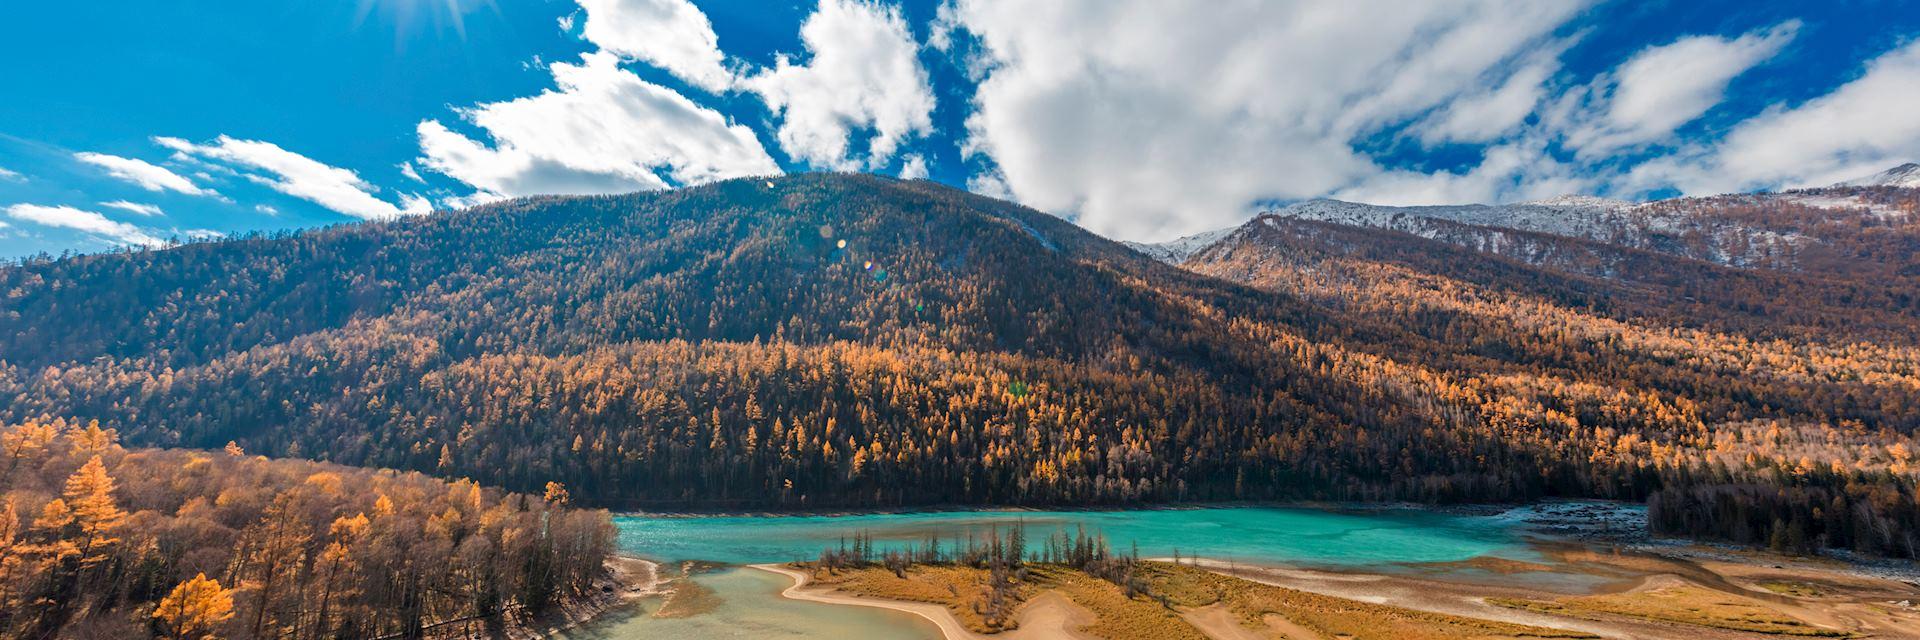 Wolong Bay, Xinjiang